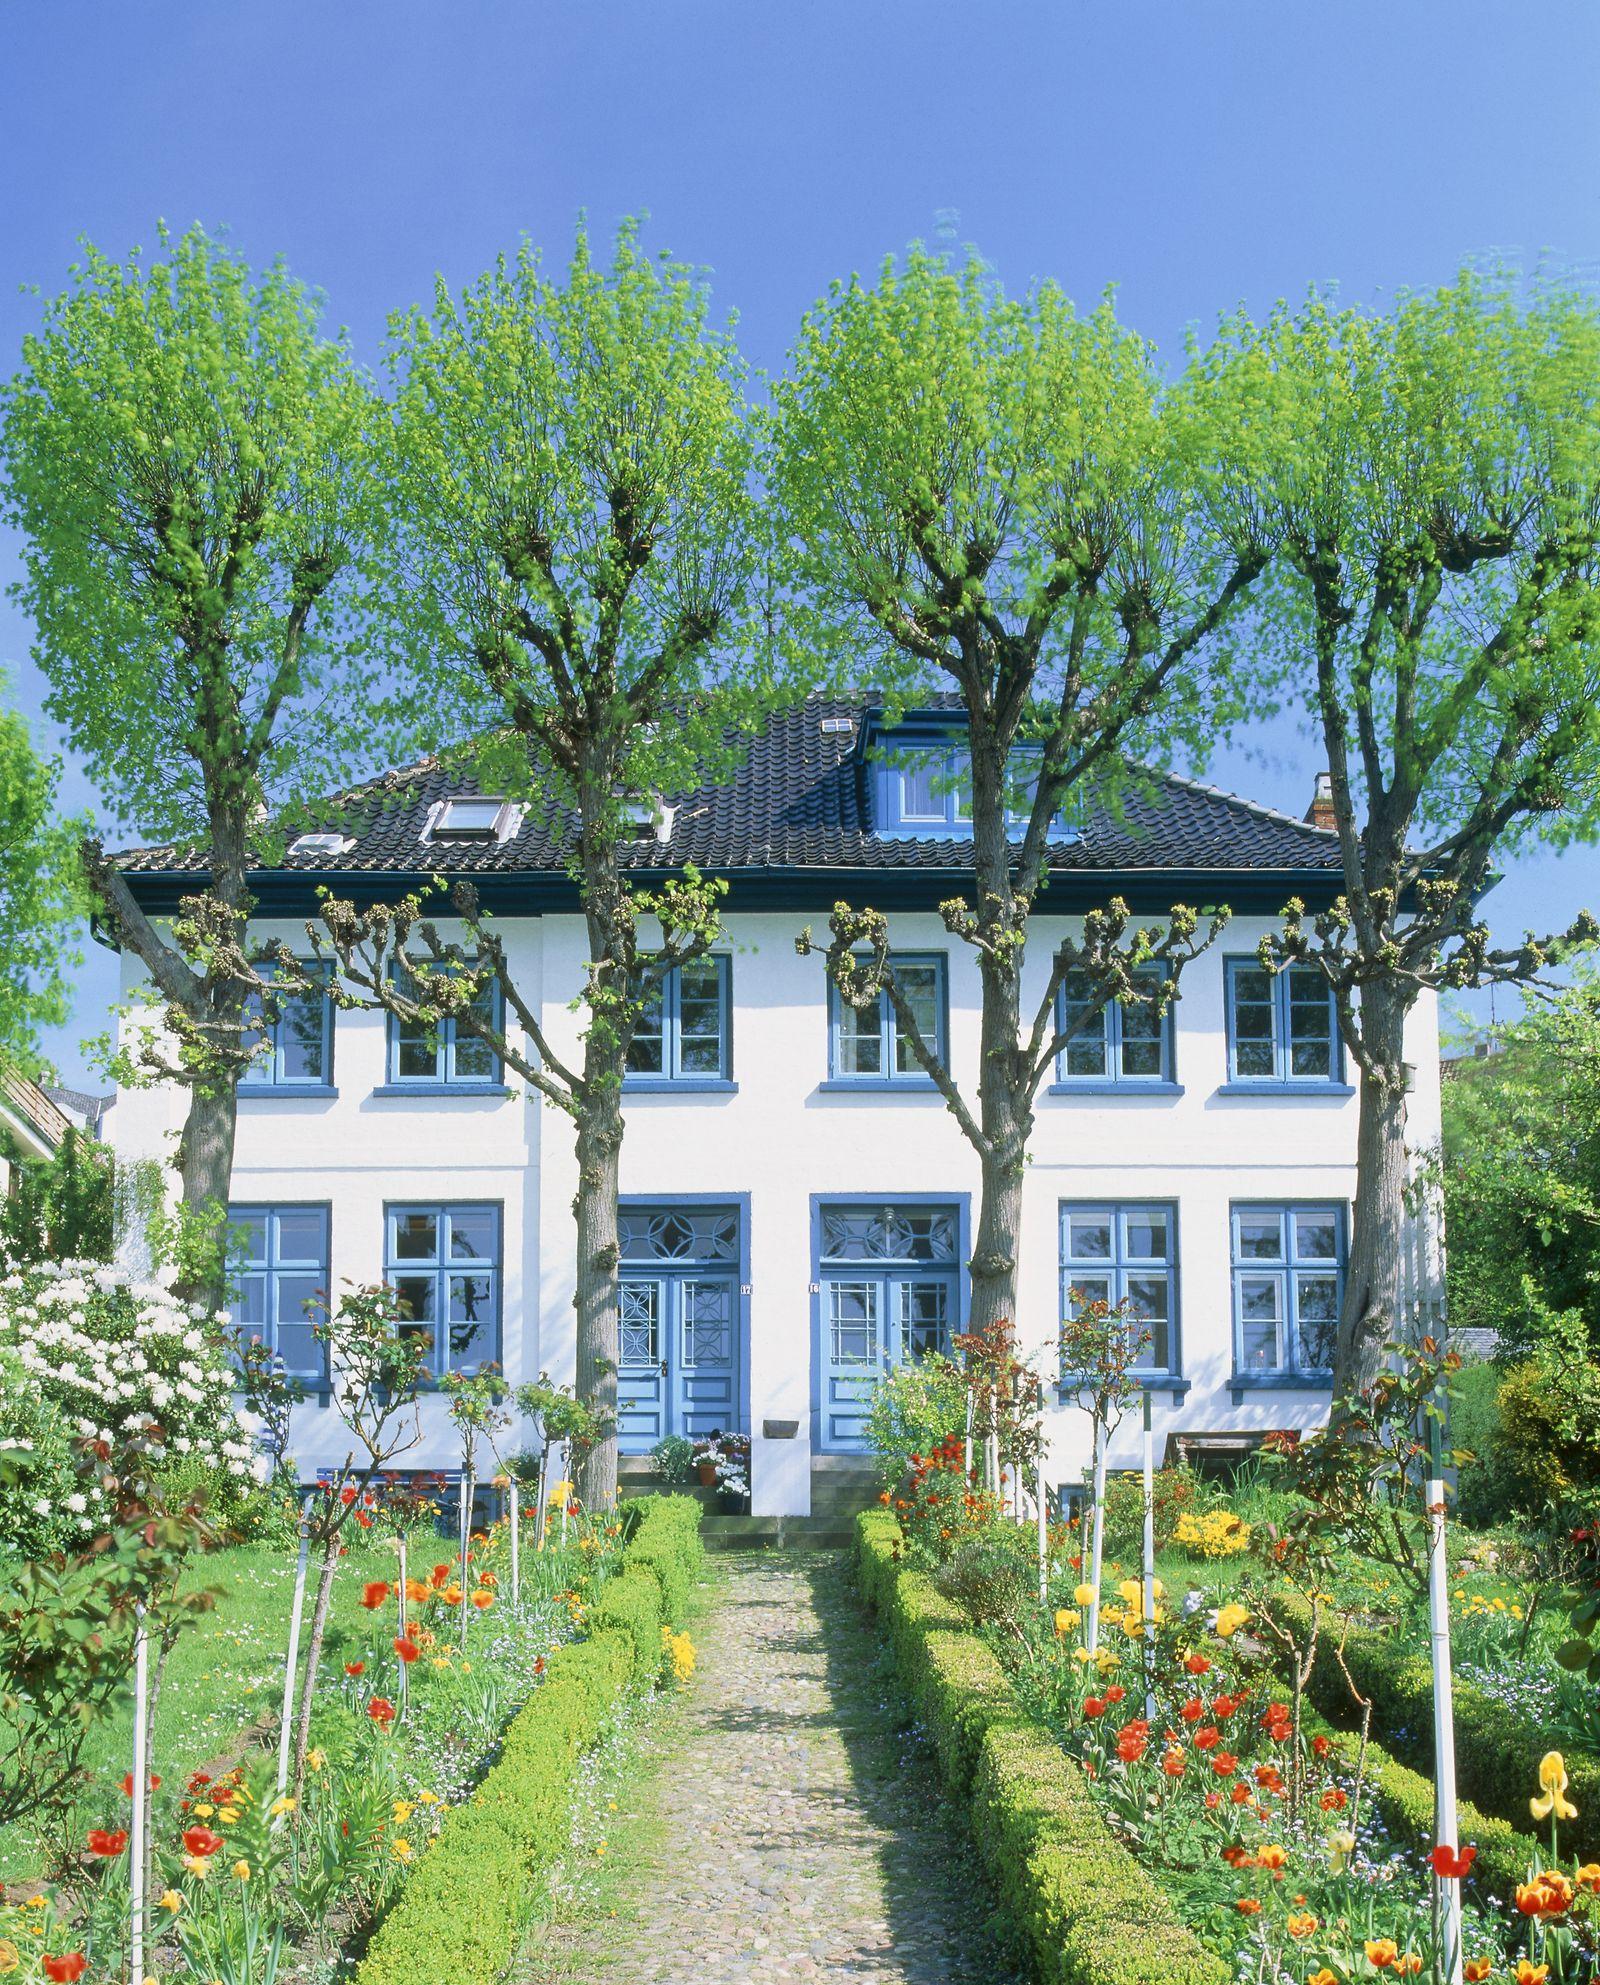 NICHT MEHR VERWENDEN! - Luxusvilla / Traumhaus in Blankenese